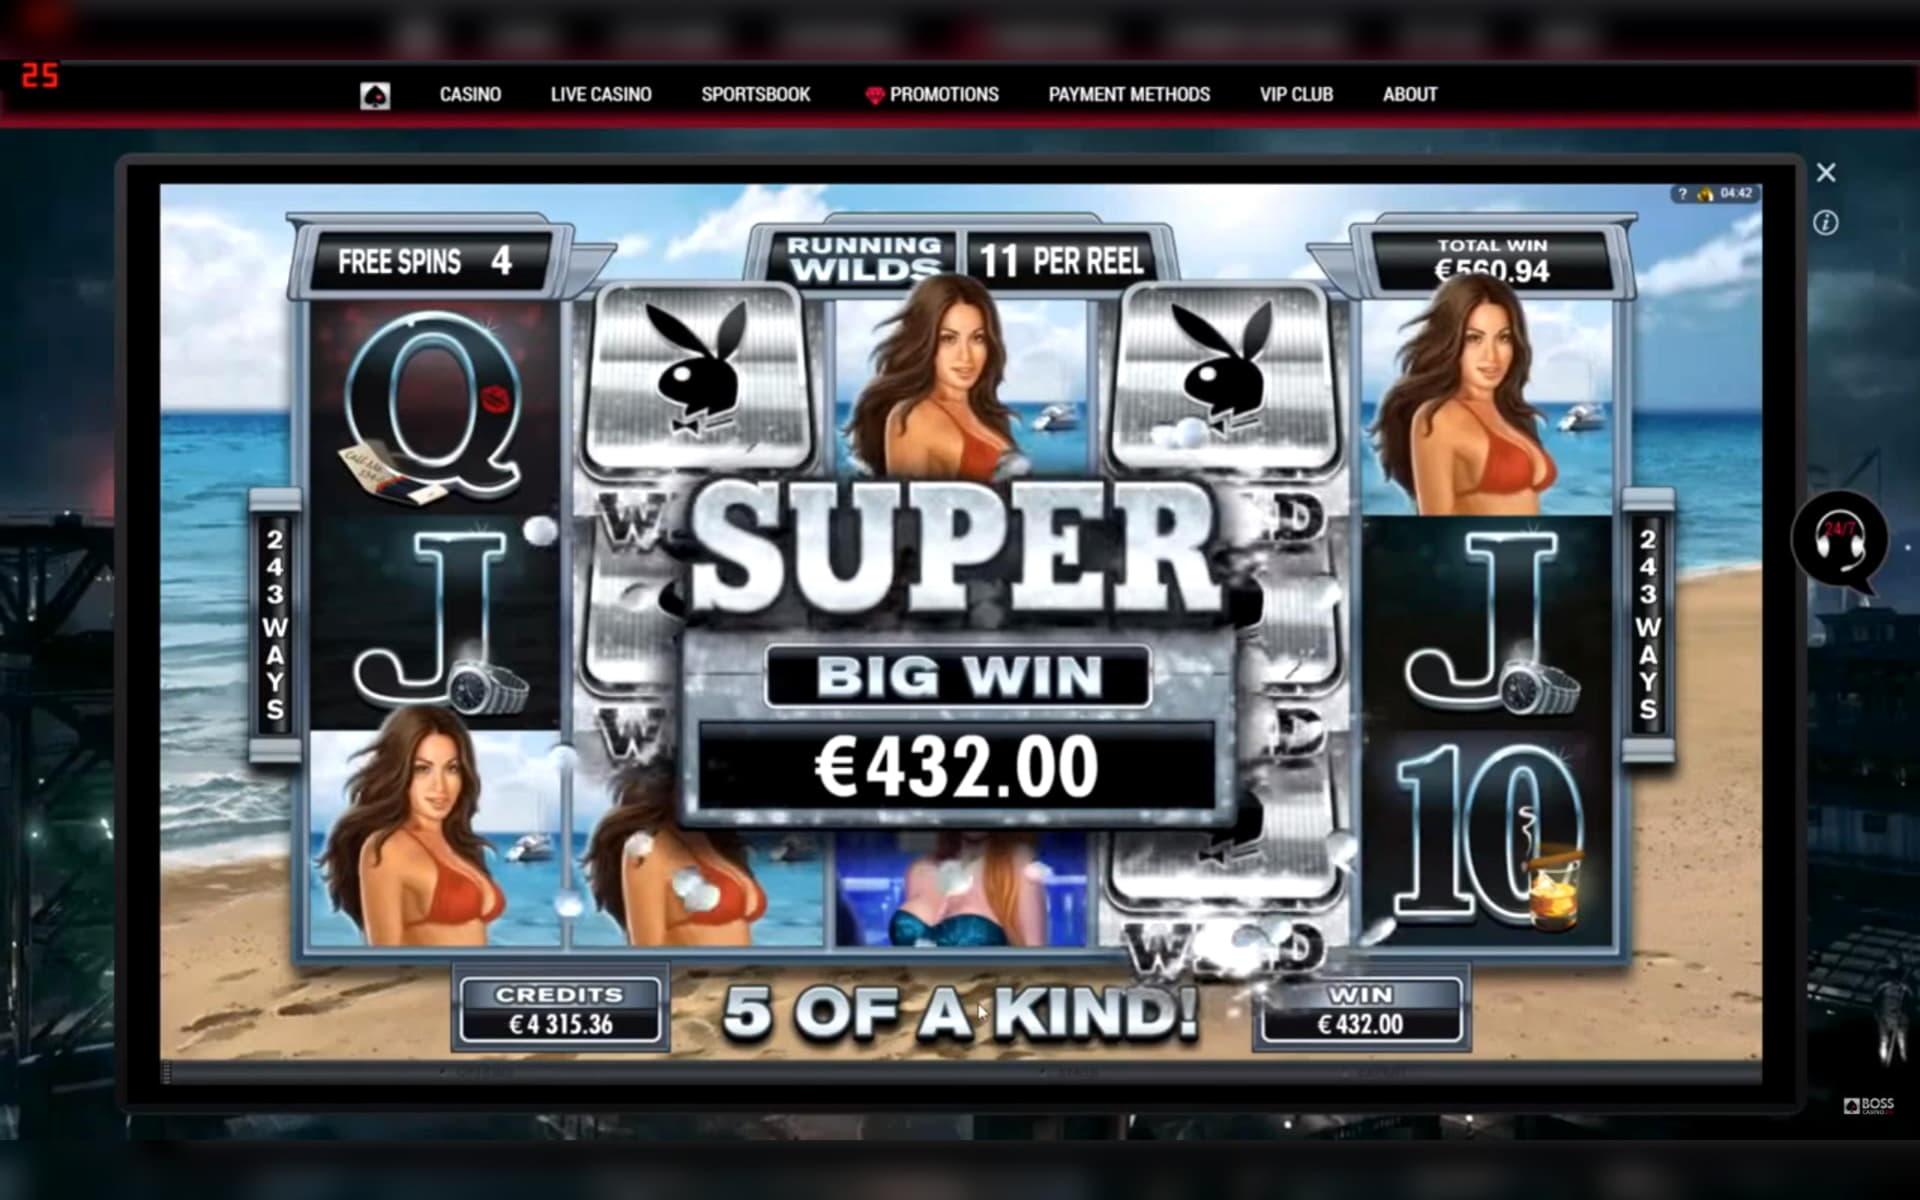 £2225 No deposit casino bonus at Omni Casino